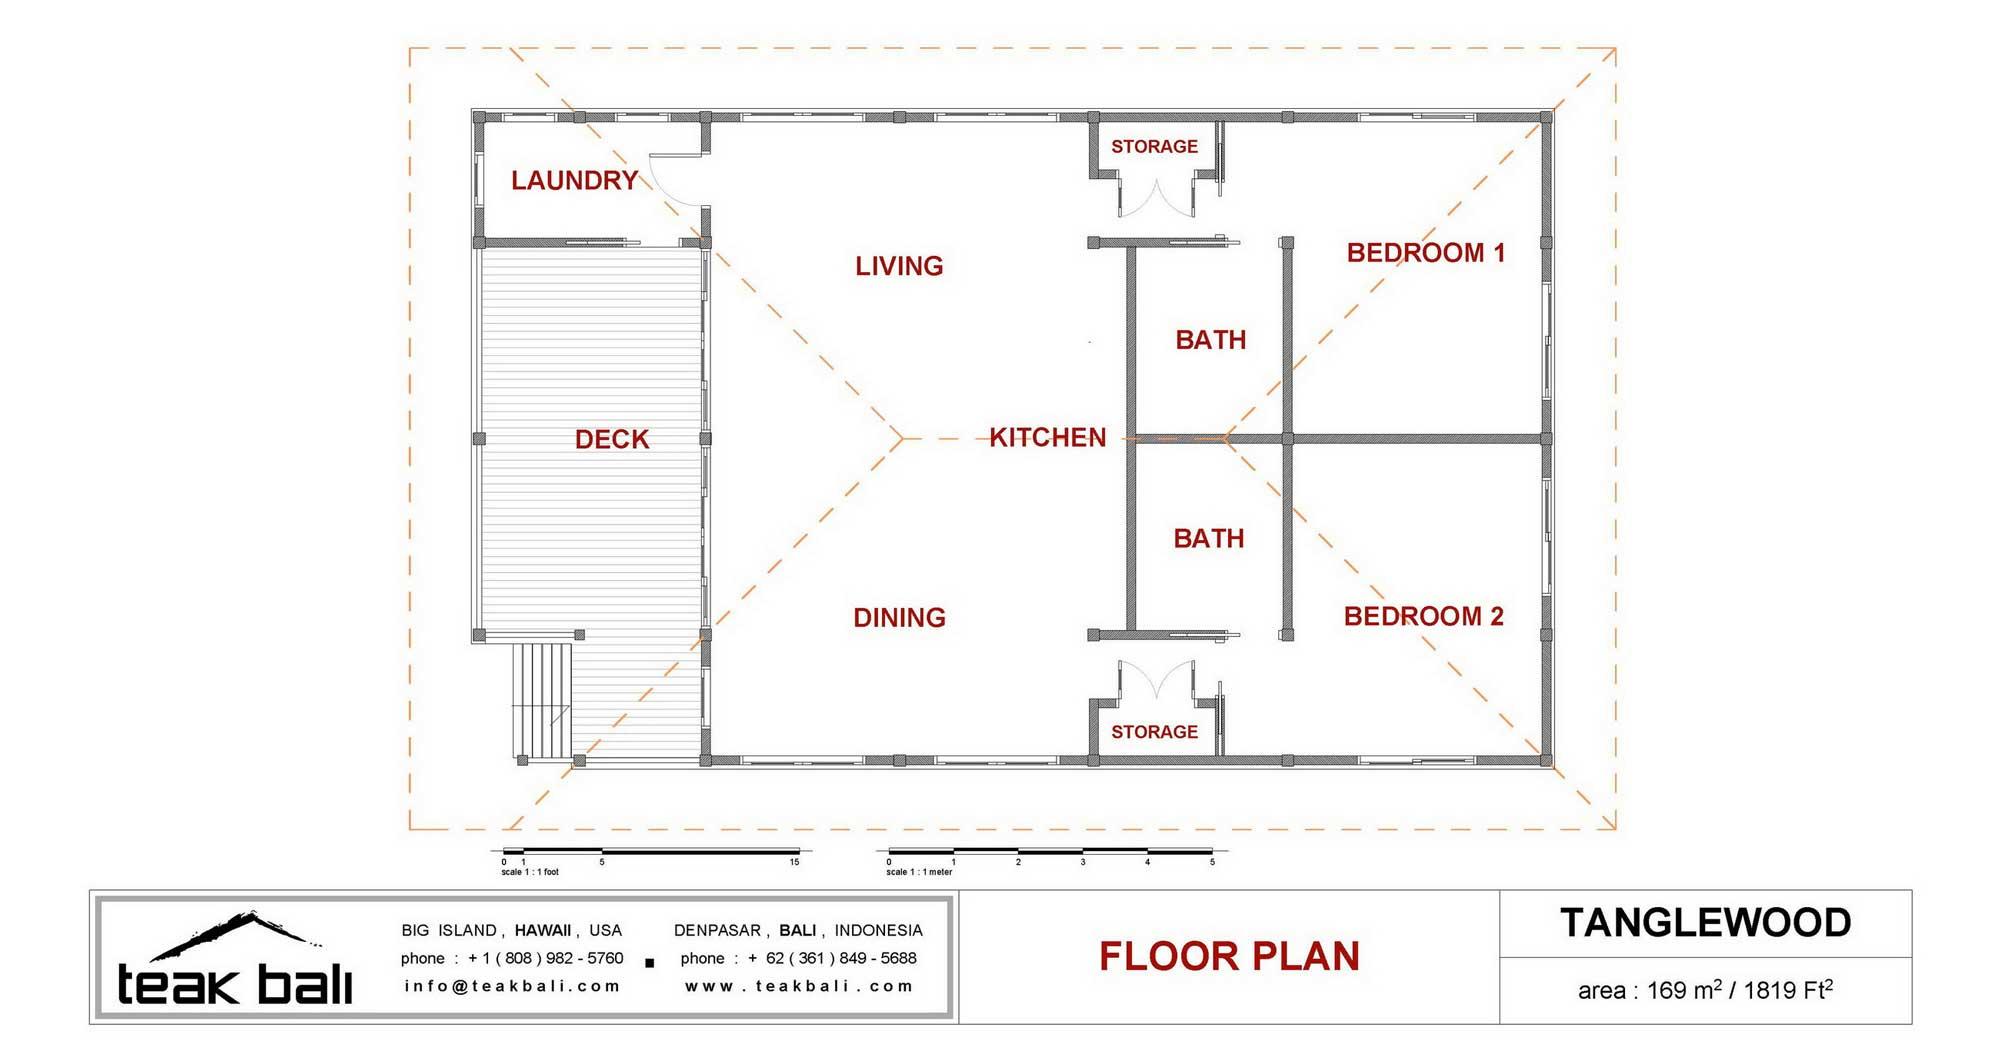 Tanglewood design oahu floor plans teak bali for Hawaiian floor plans